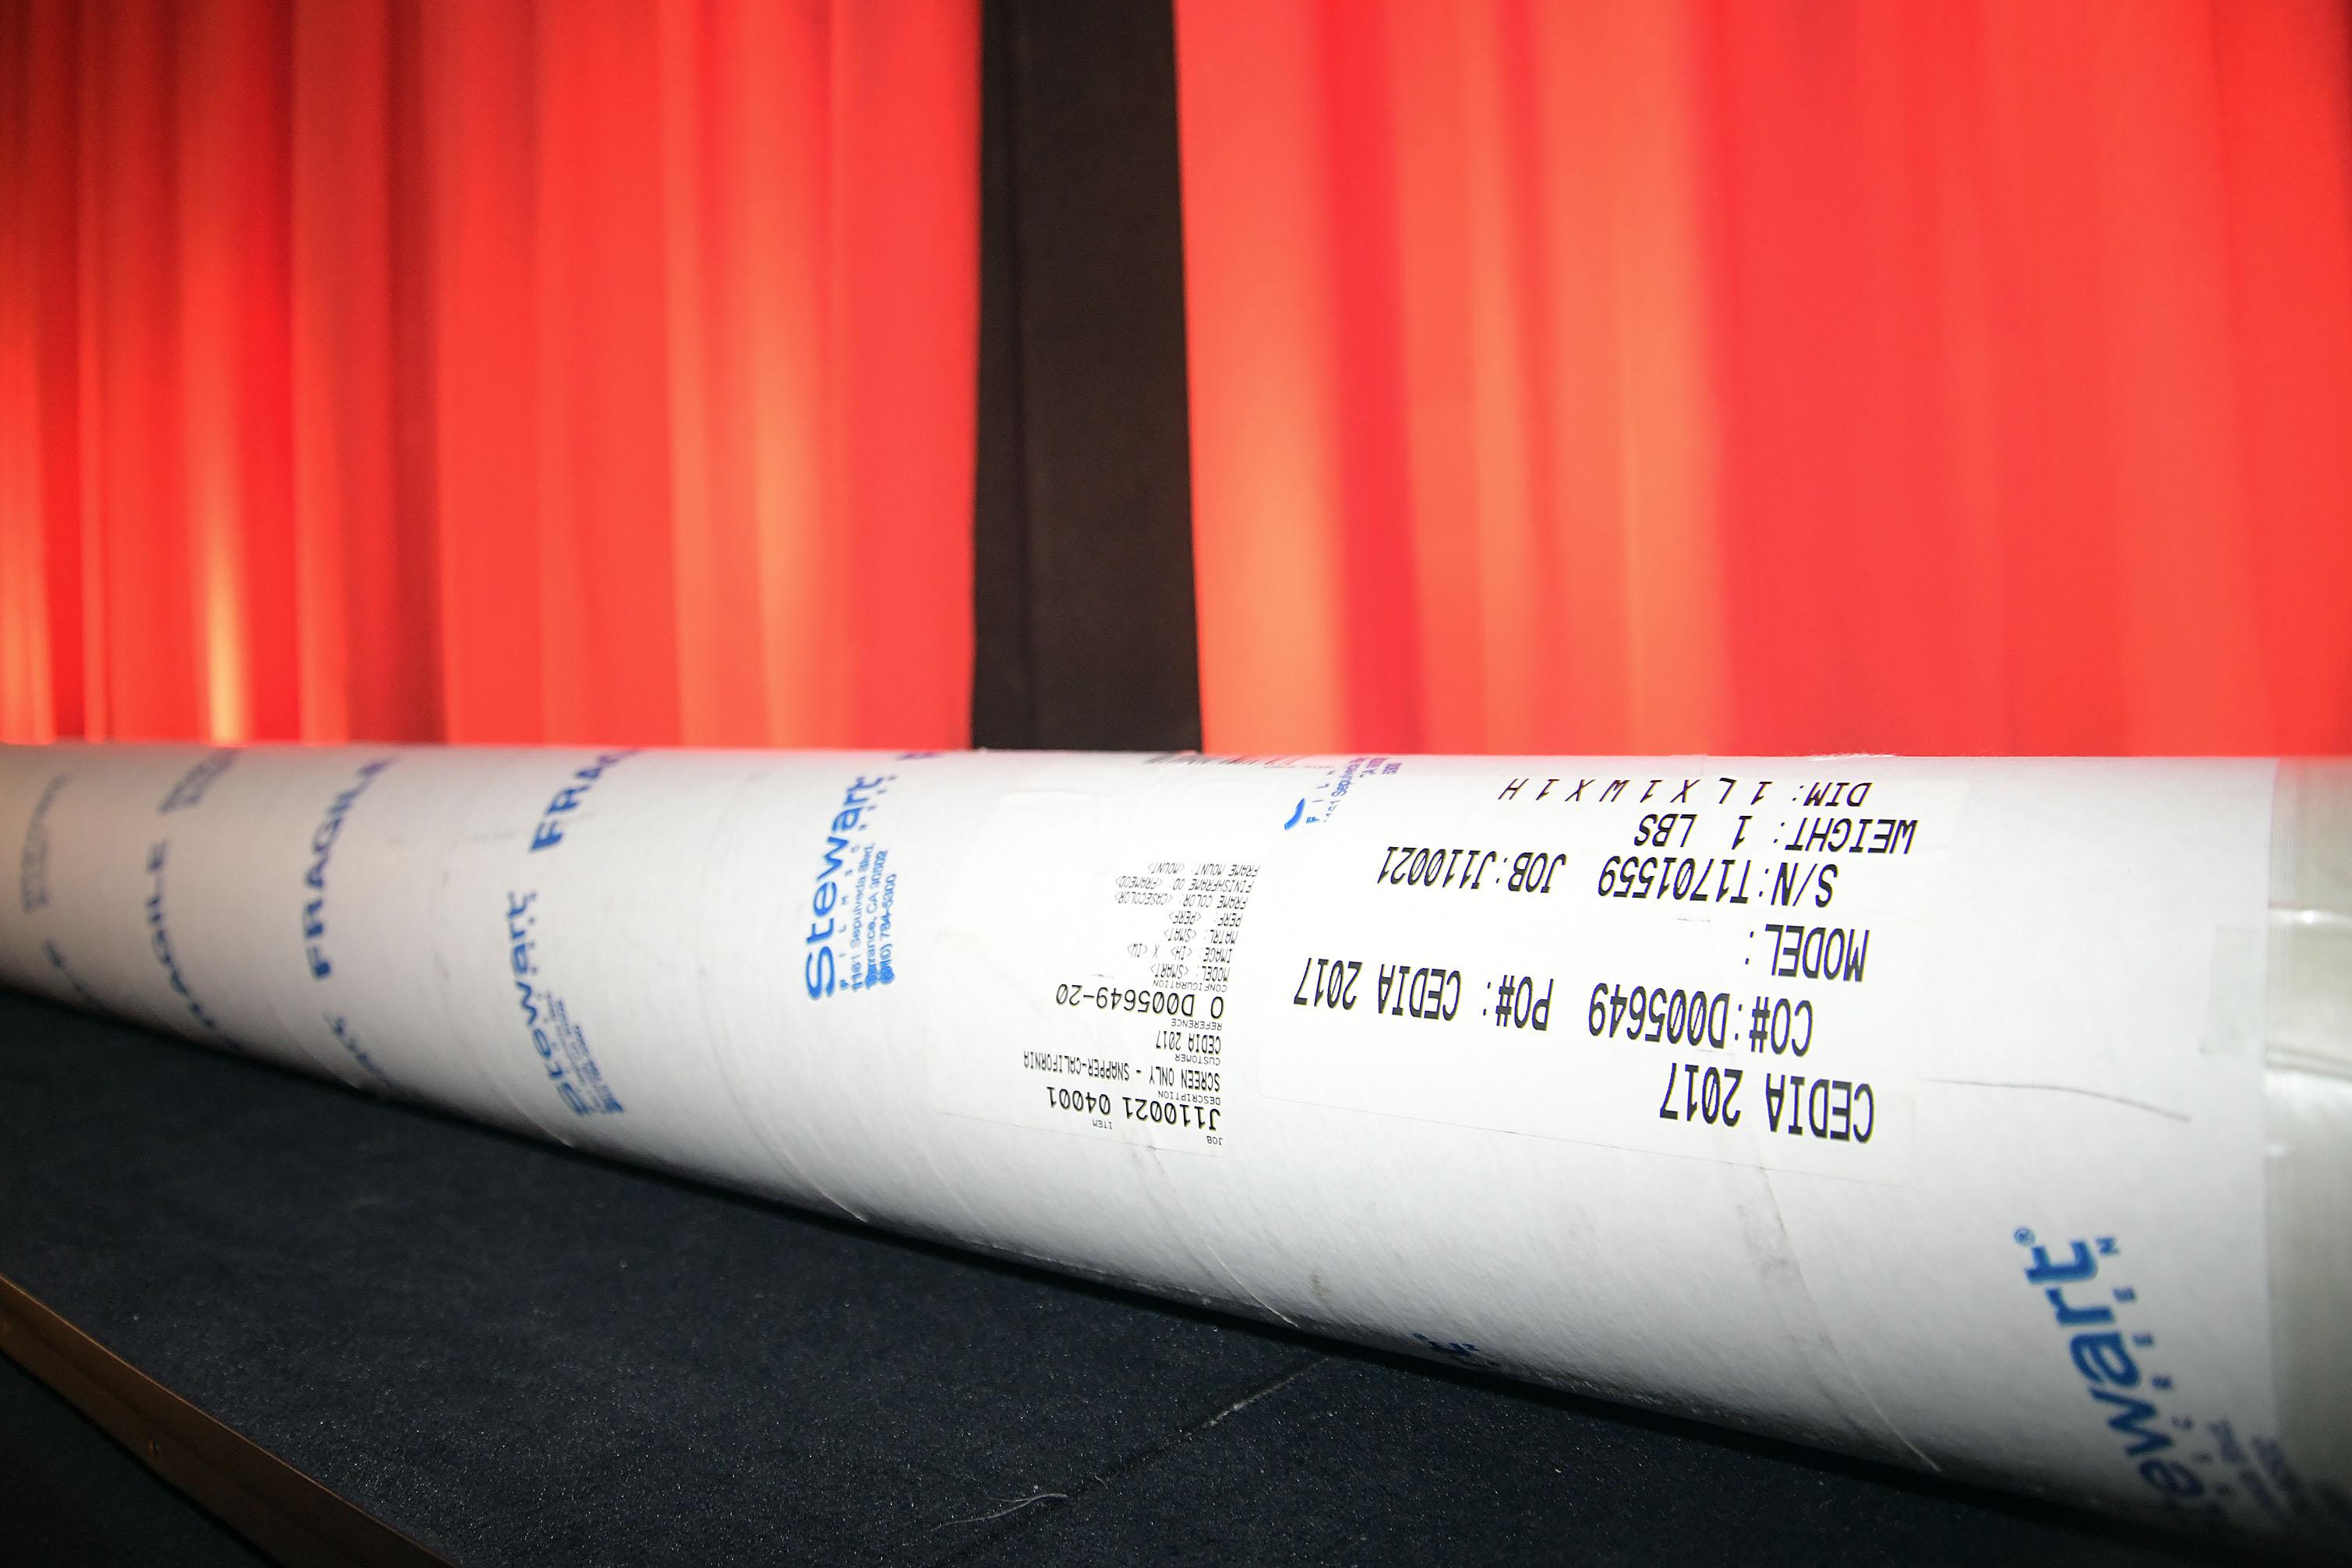 Foto: Michael B. Rehders Die Leinwand wird komplett zerlegt in einer runden Tube geliefert. Darin befinden sich der Rahmen, Montagematerial und das gewünschte Tuch.